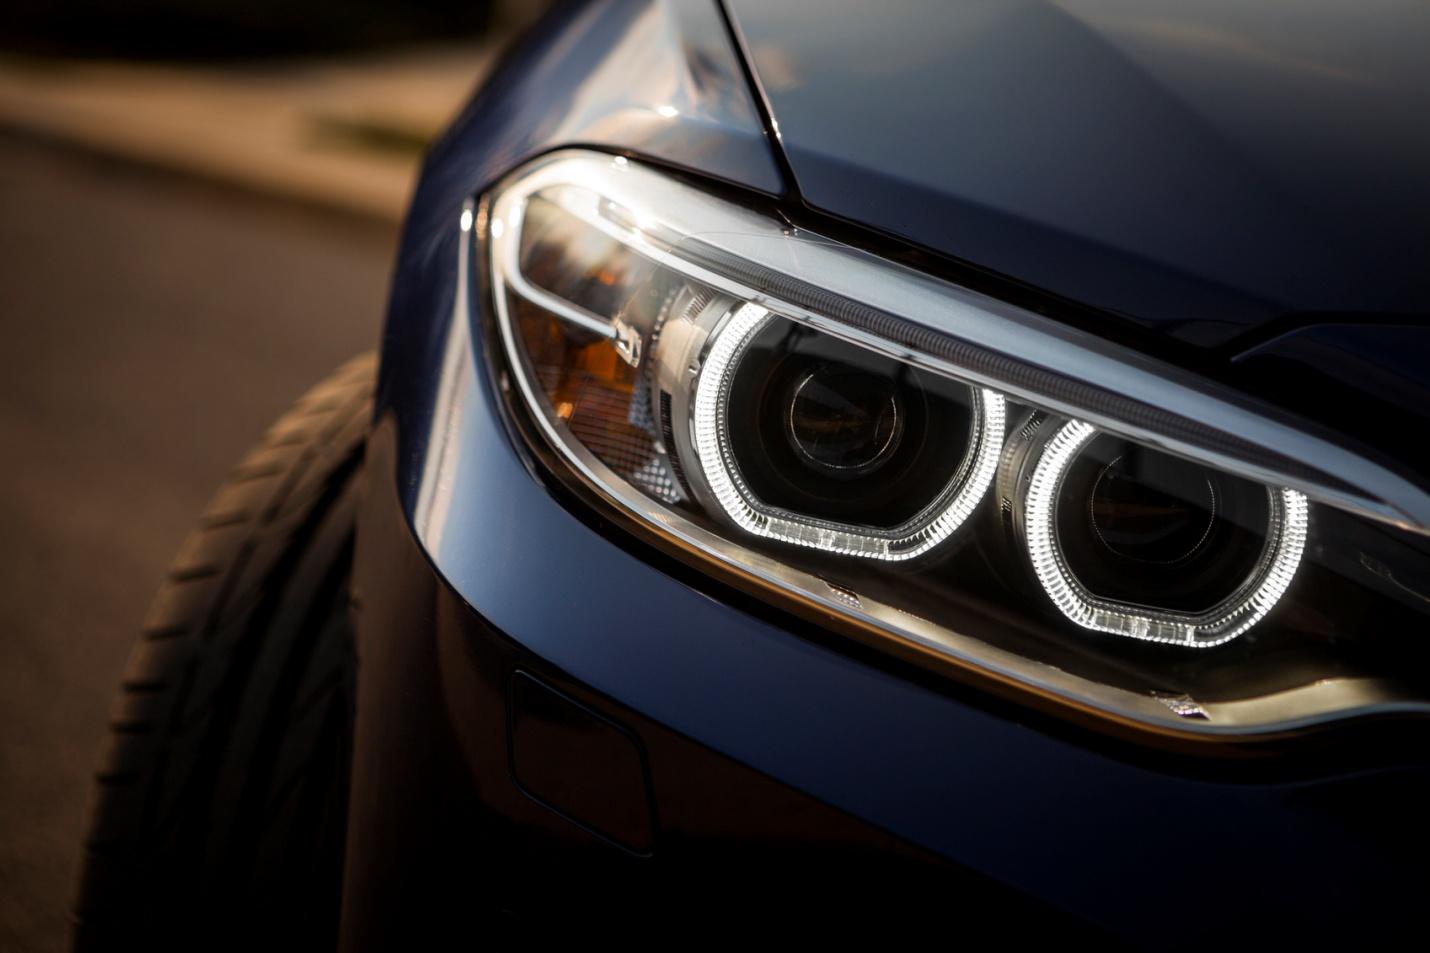 Ce qu'il faut savoir sur les phares d'aujourd'hui pour les techniciens en maintenance auto